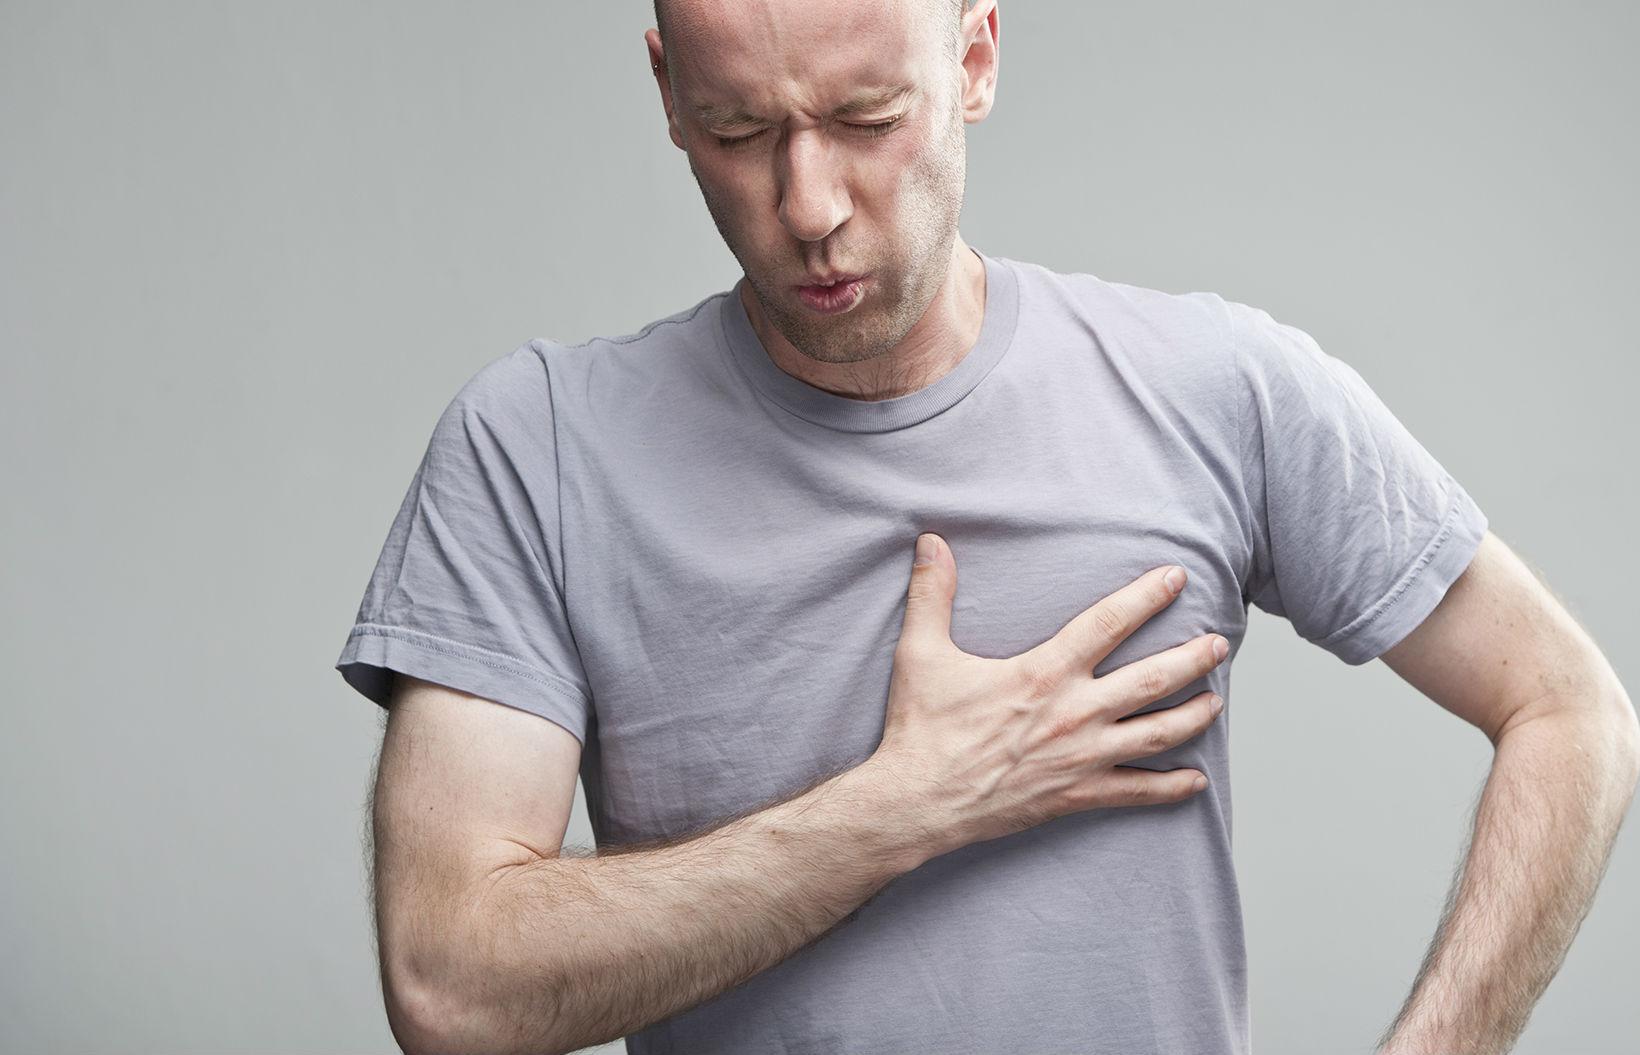 استرواح المنصف أو الريح المنصفية : أسباب , أعراض , تشخيص وعلاج